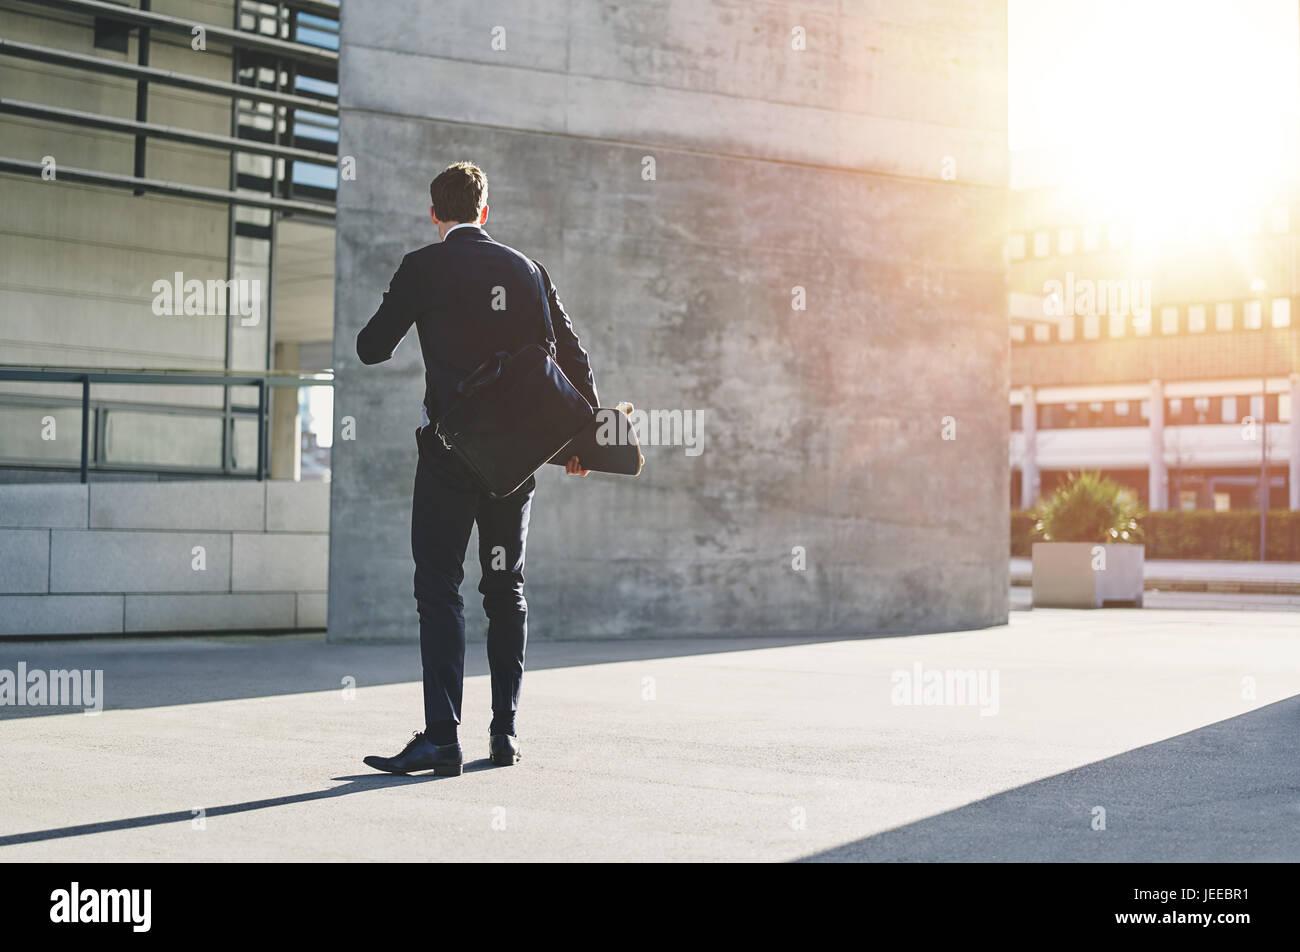 Rückansicht eines Geschäftsmannes in der Straße stehen und halten eine Skateboard. Stockbild